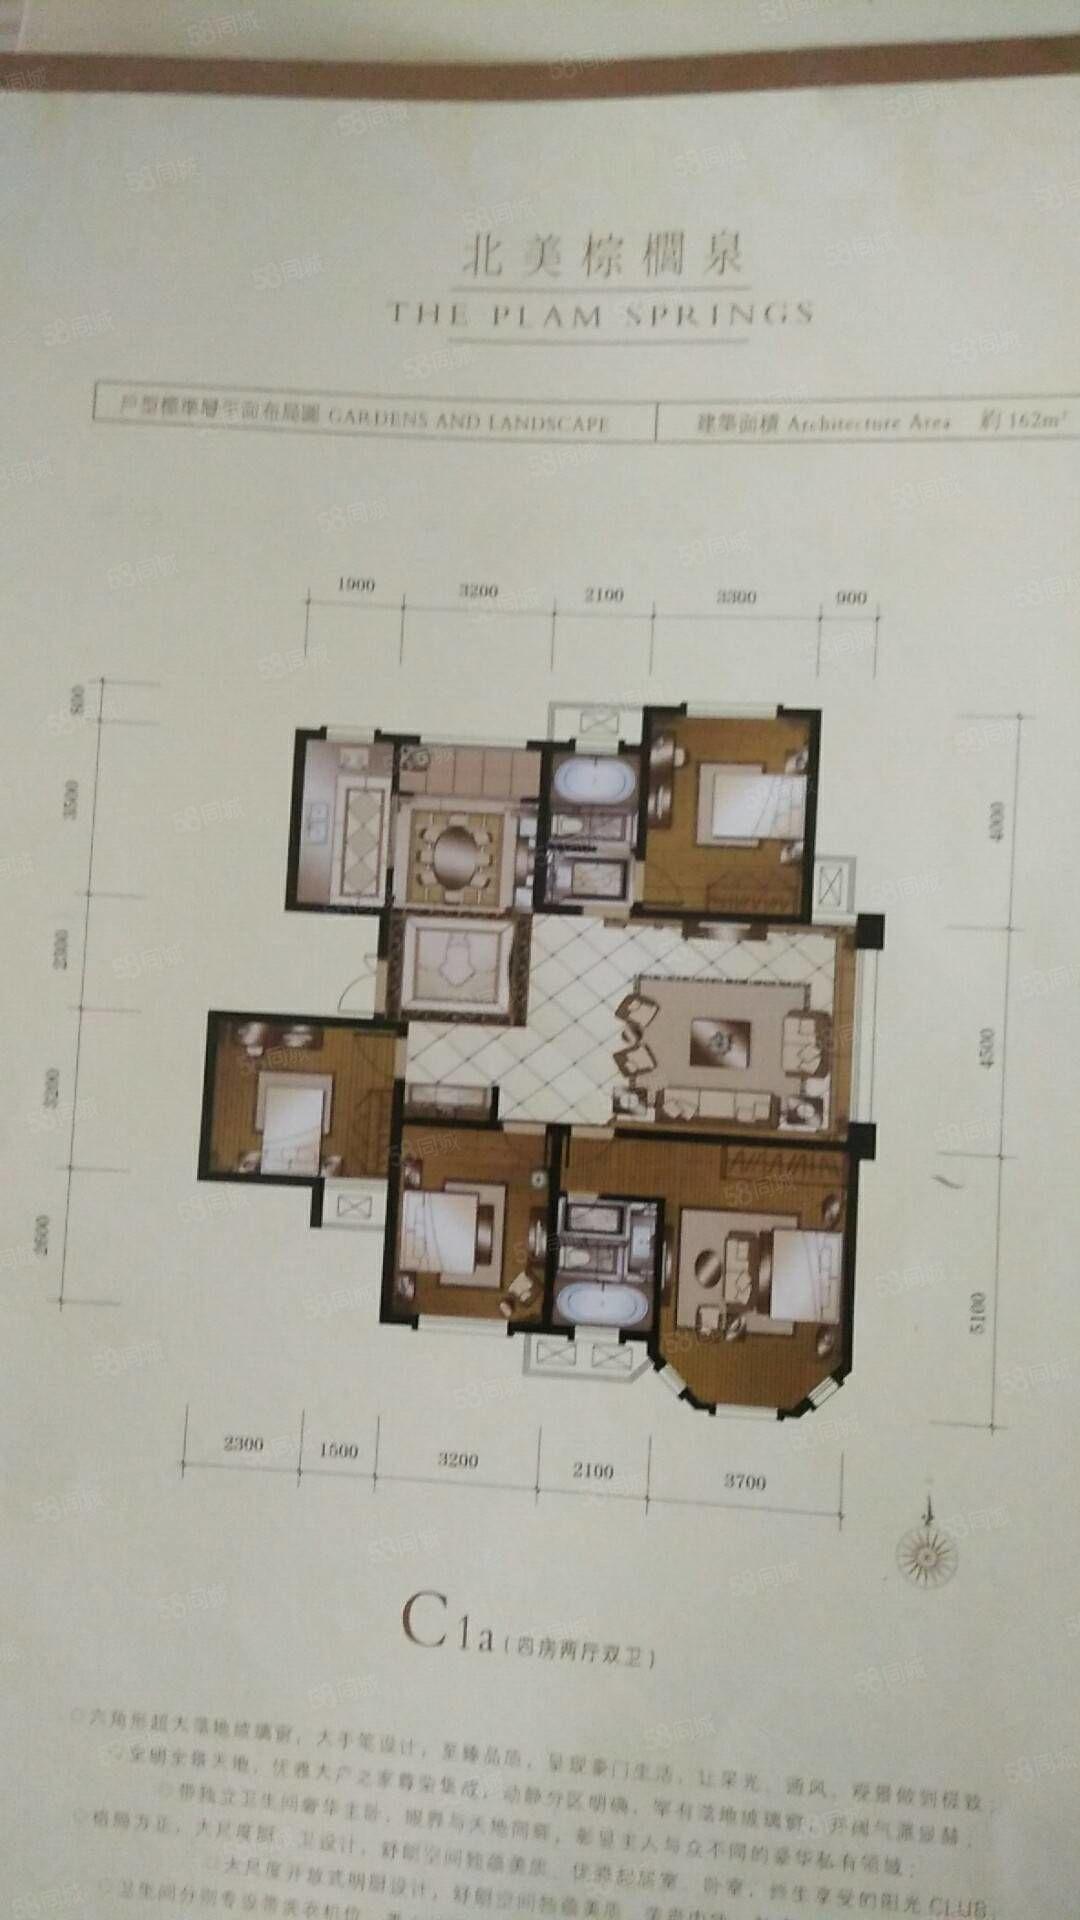 侯�R四室��d�p�l的好房子,中�g9�印1泵佬�^,文明路以�|毛坯